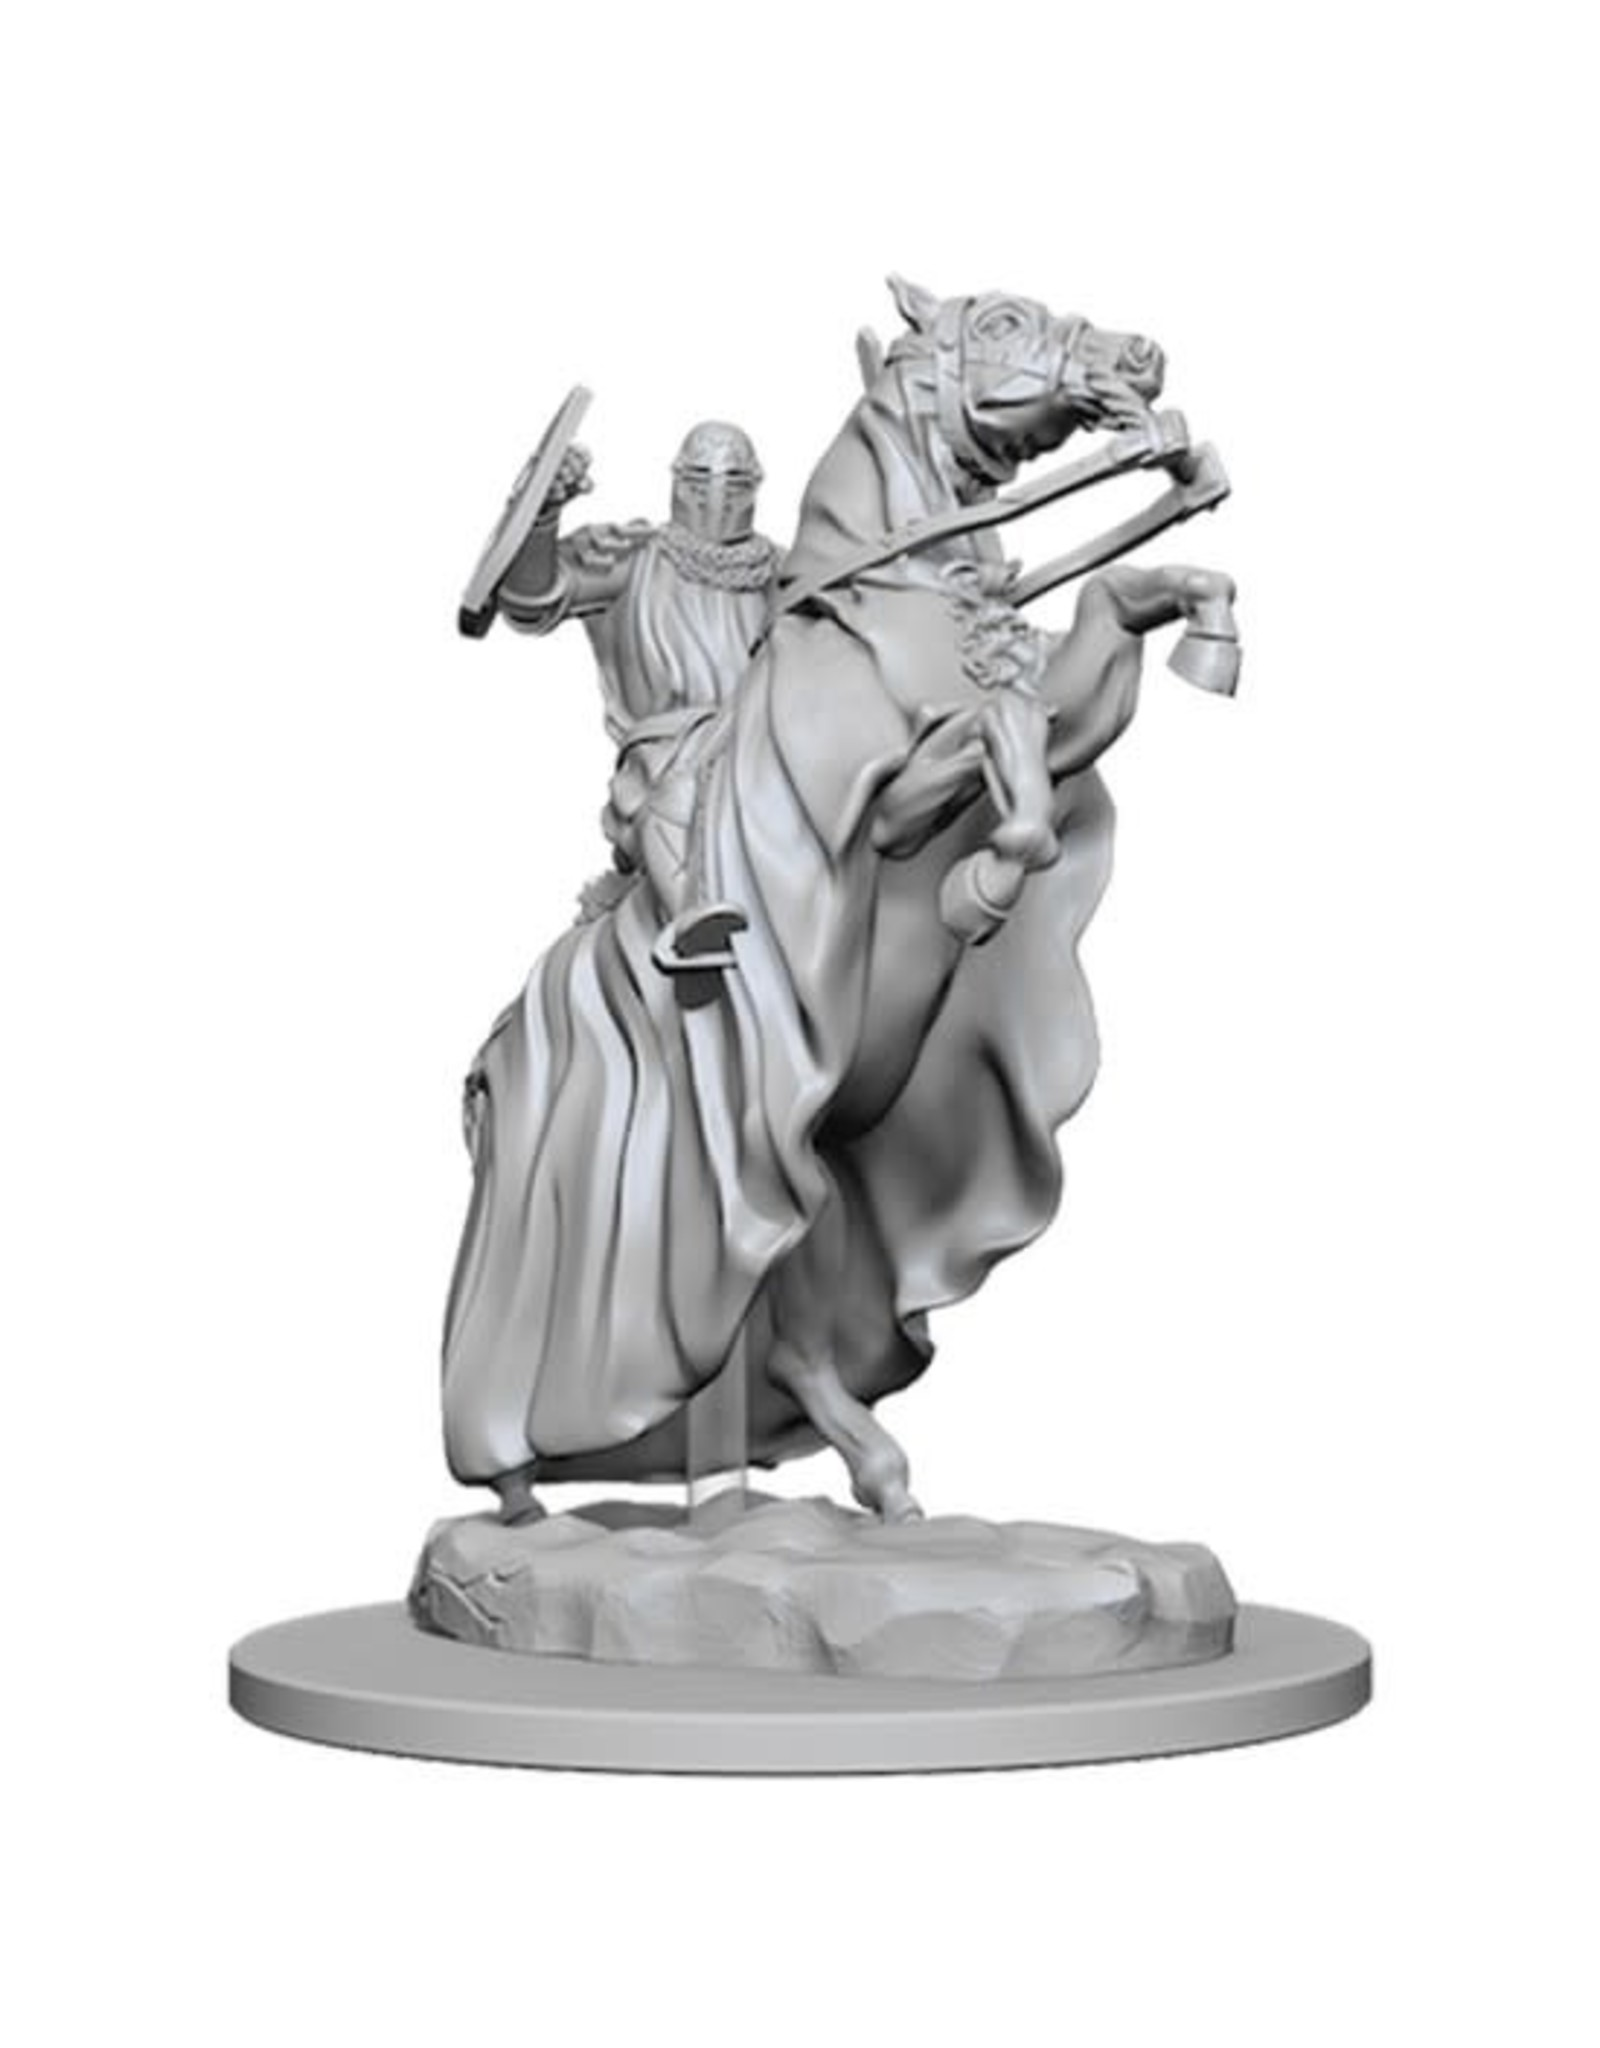 WizKids Pathfinder Minis (unpainted): Knight on Horse Wave 5, 73358